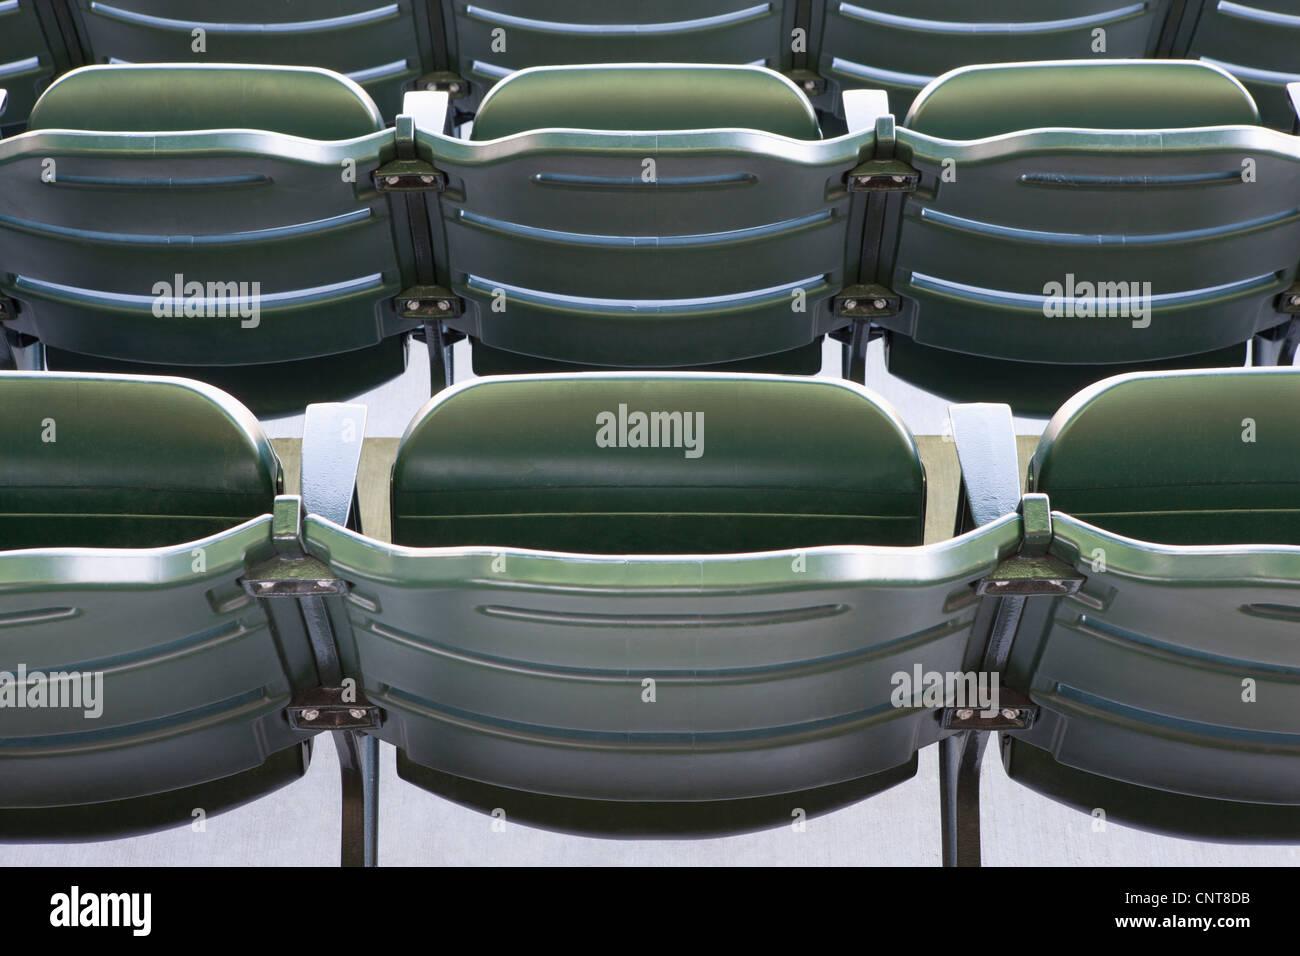 Empty stadium seating, cropped - Stock Image